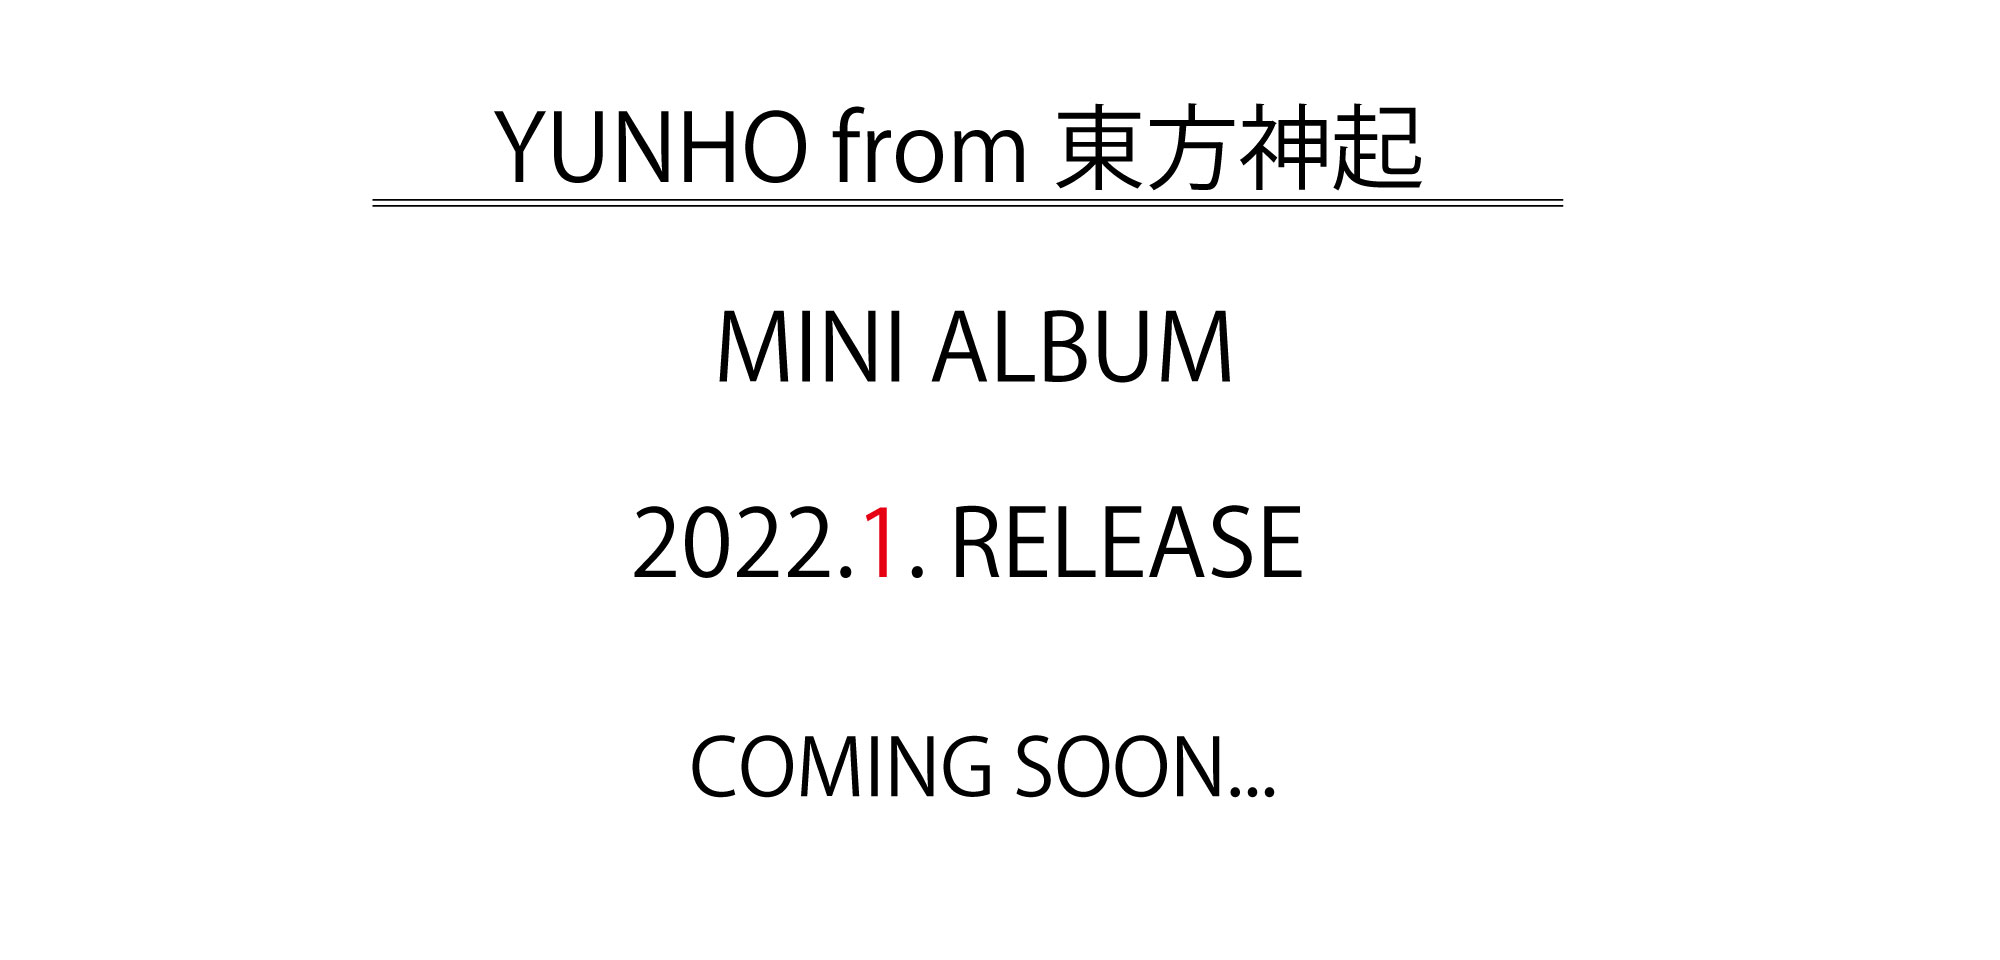 MNI ALBUM 2022.1 release